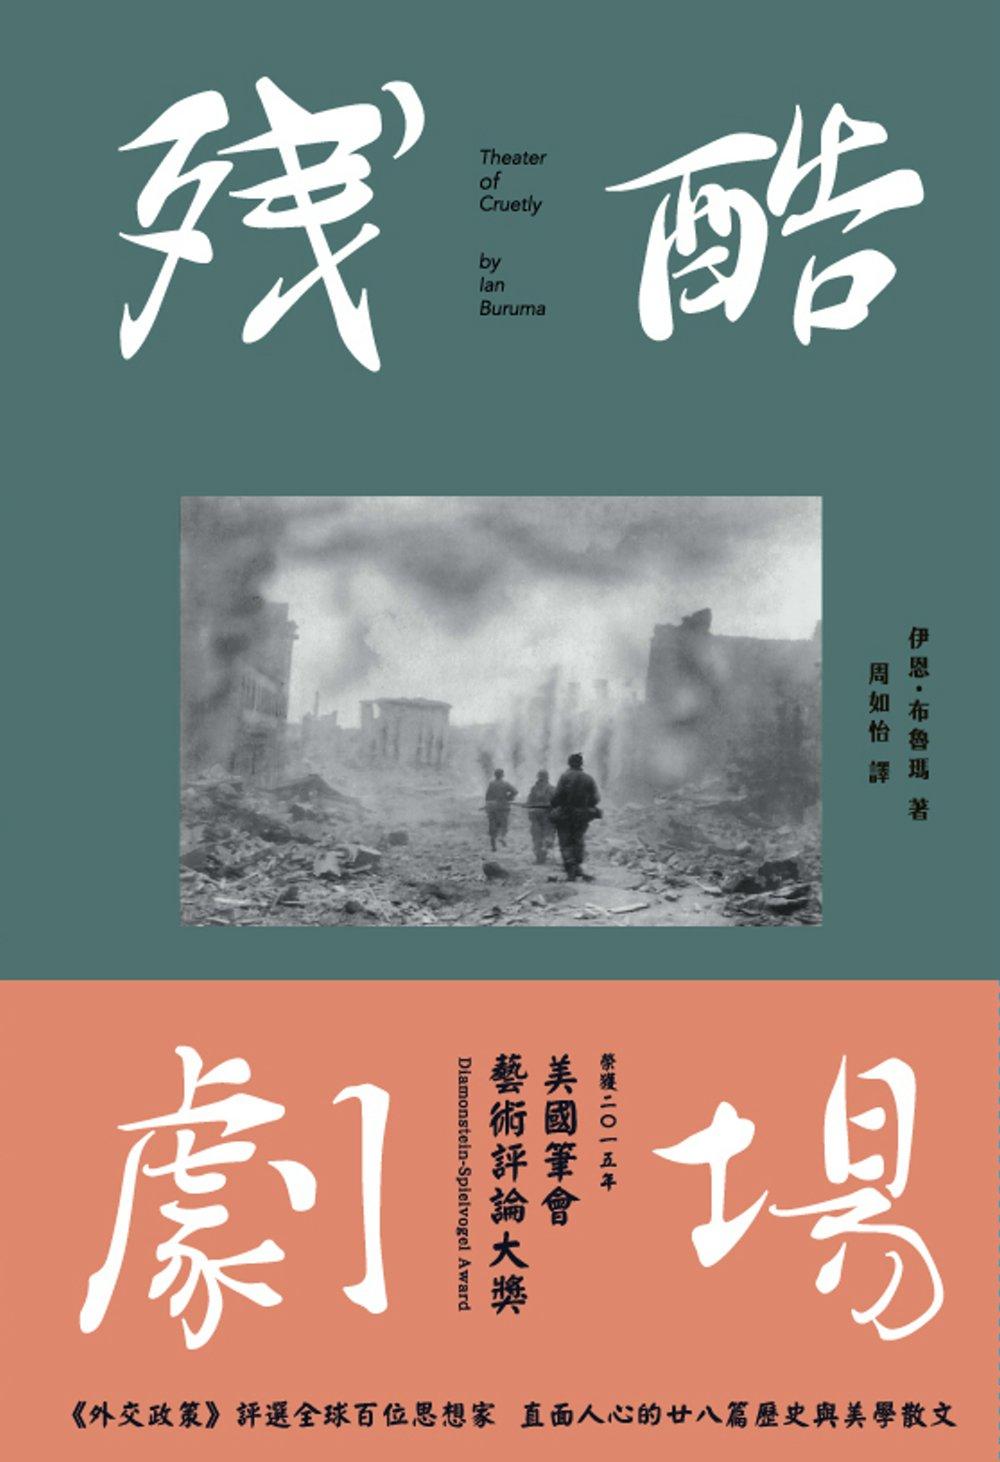 殘酷劇場:藝術、電影、戰爭陰影